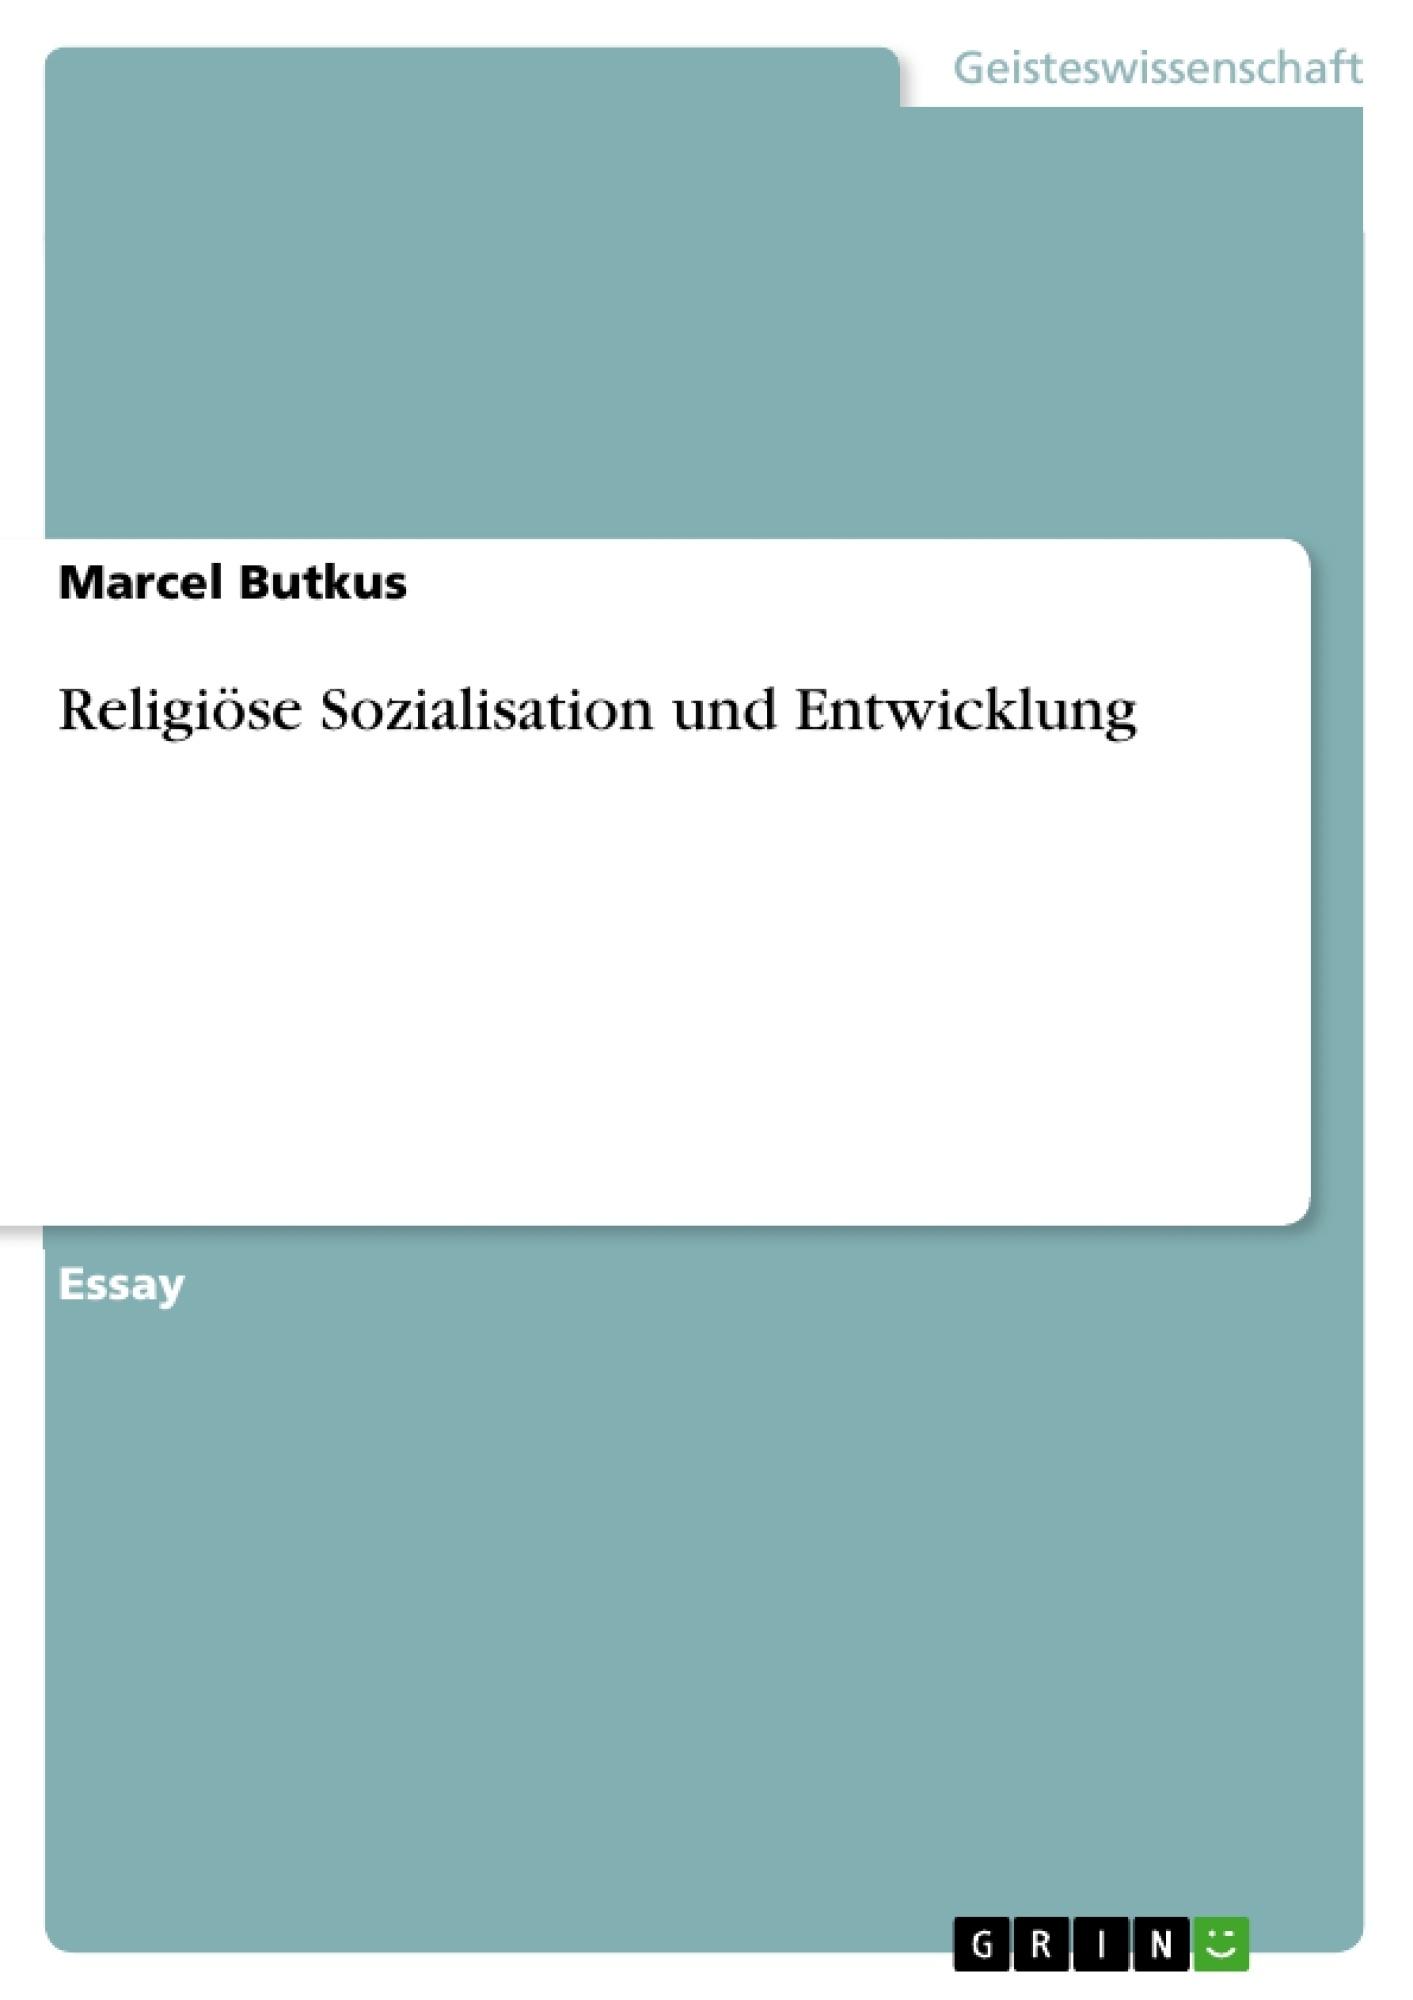 Titel: Religiöse Sozialisation und Entwicklung